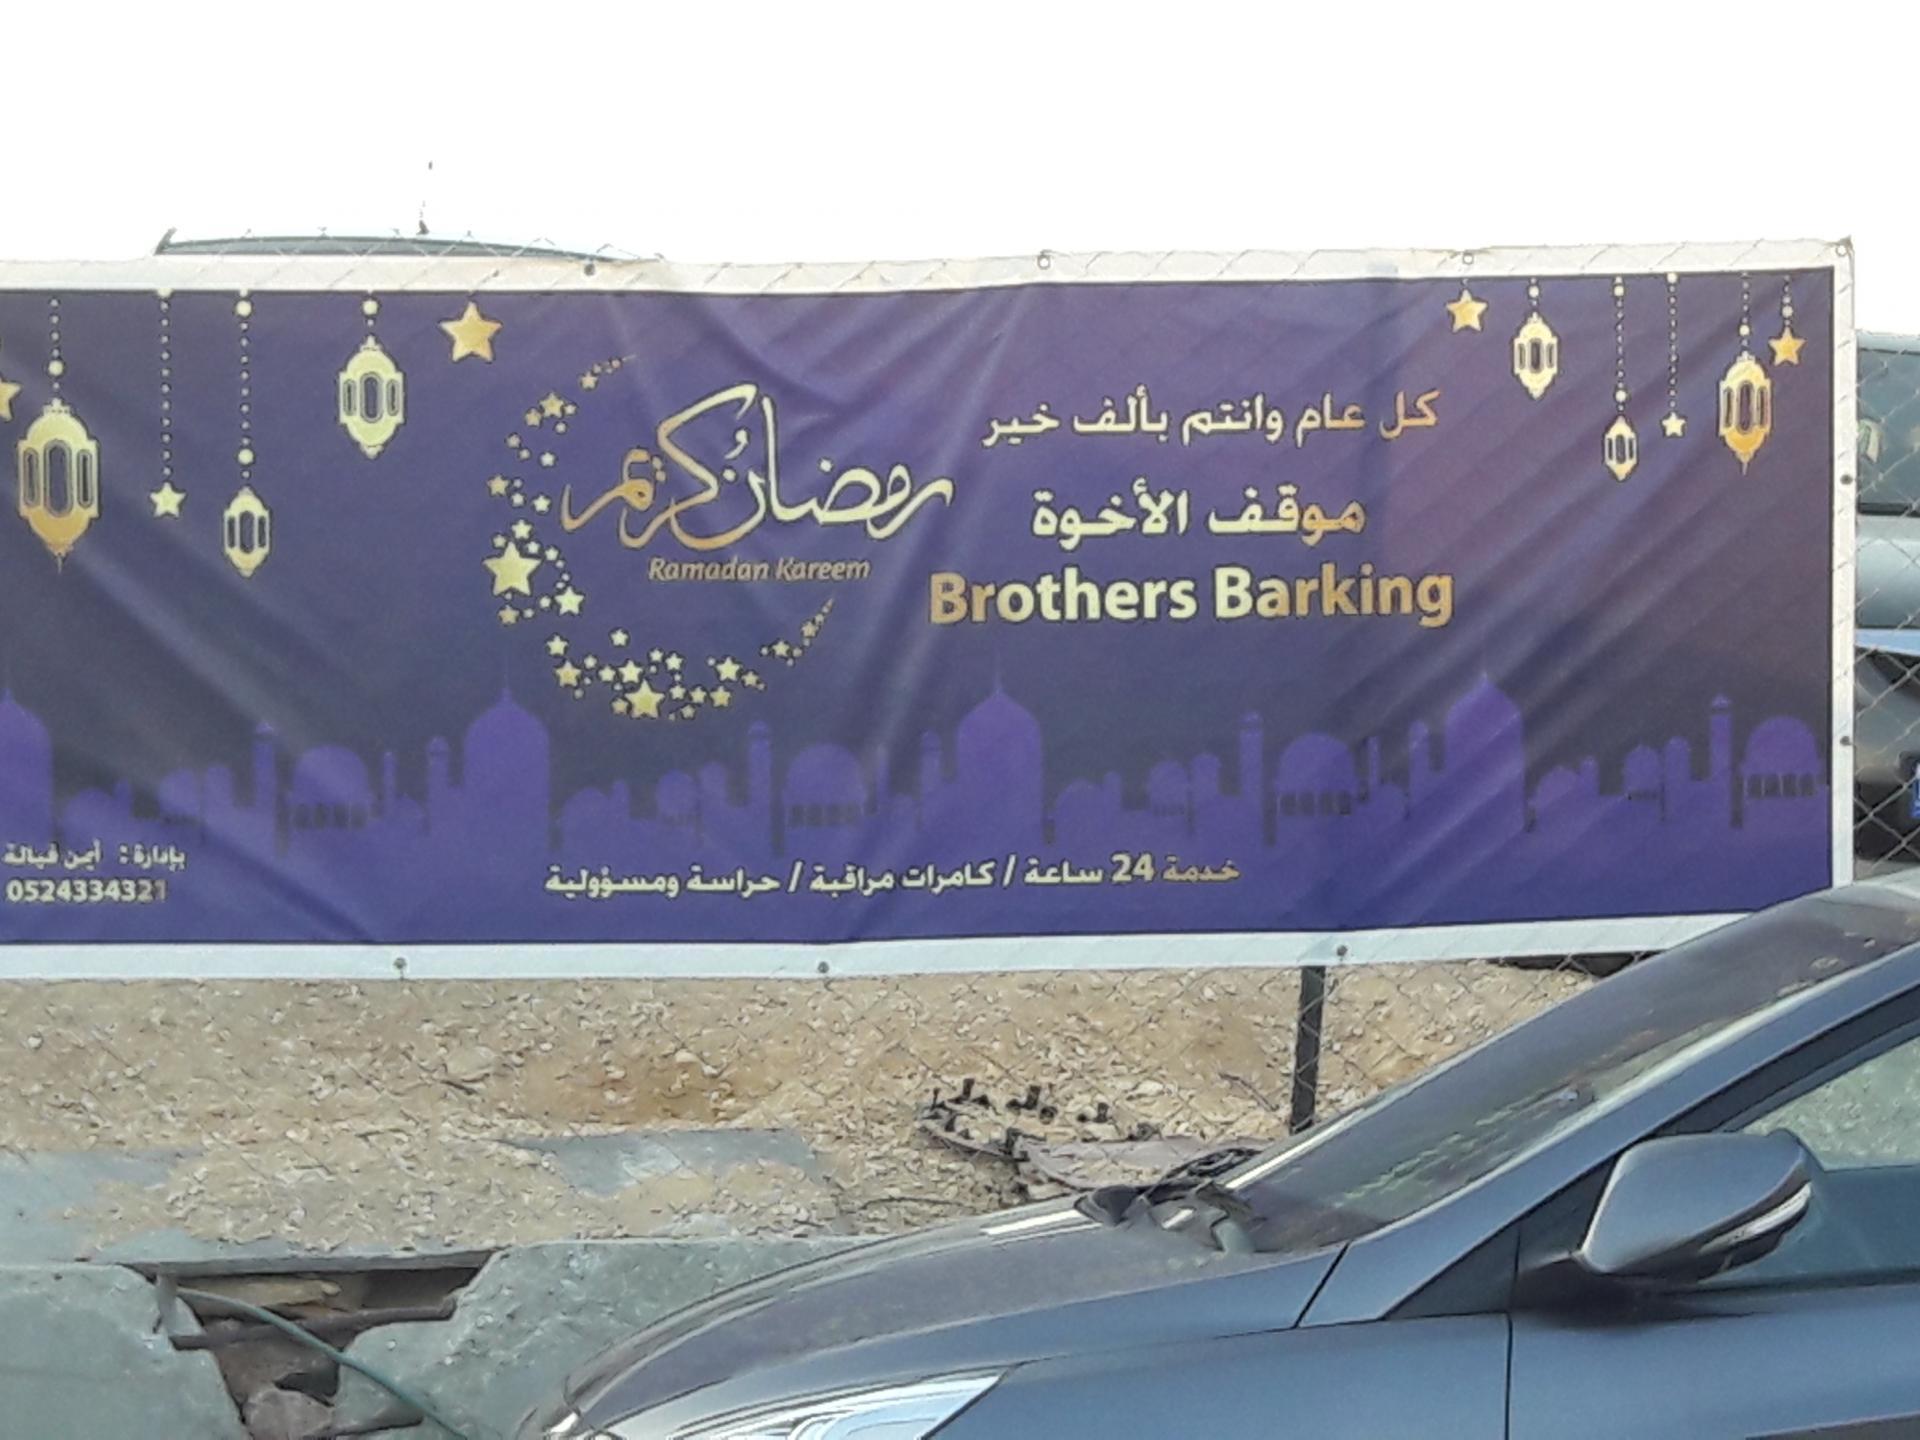 שלט ברכות לרמדאן מטעם חניית האחים